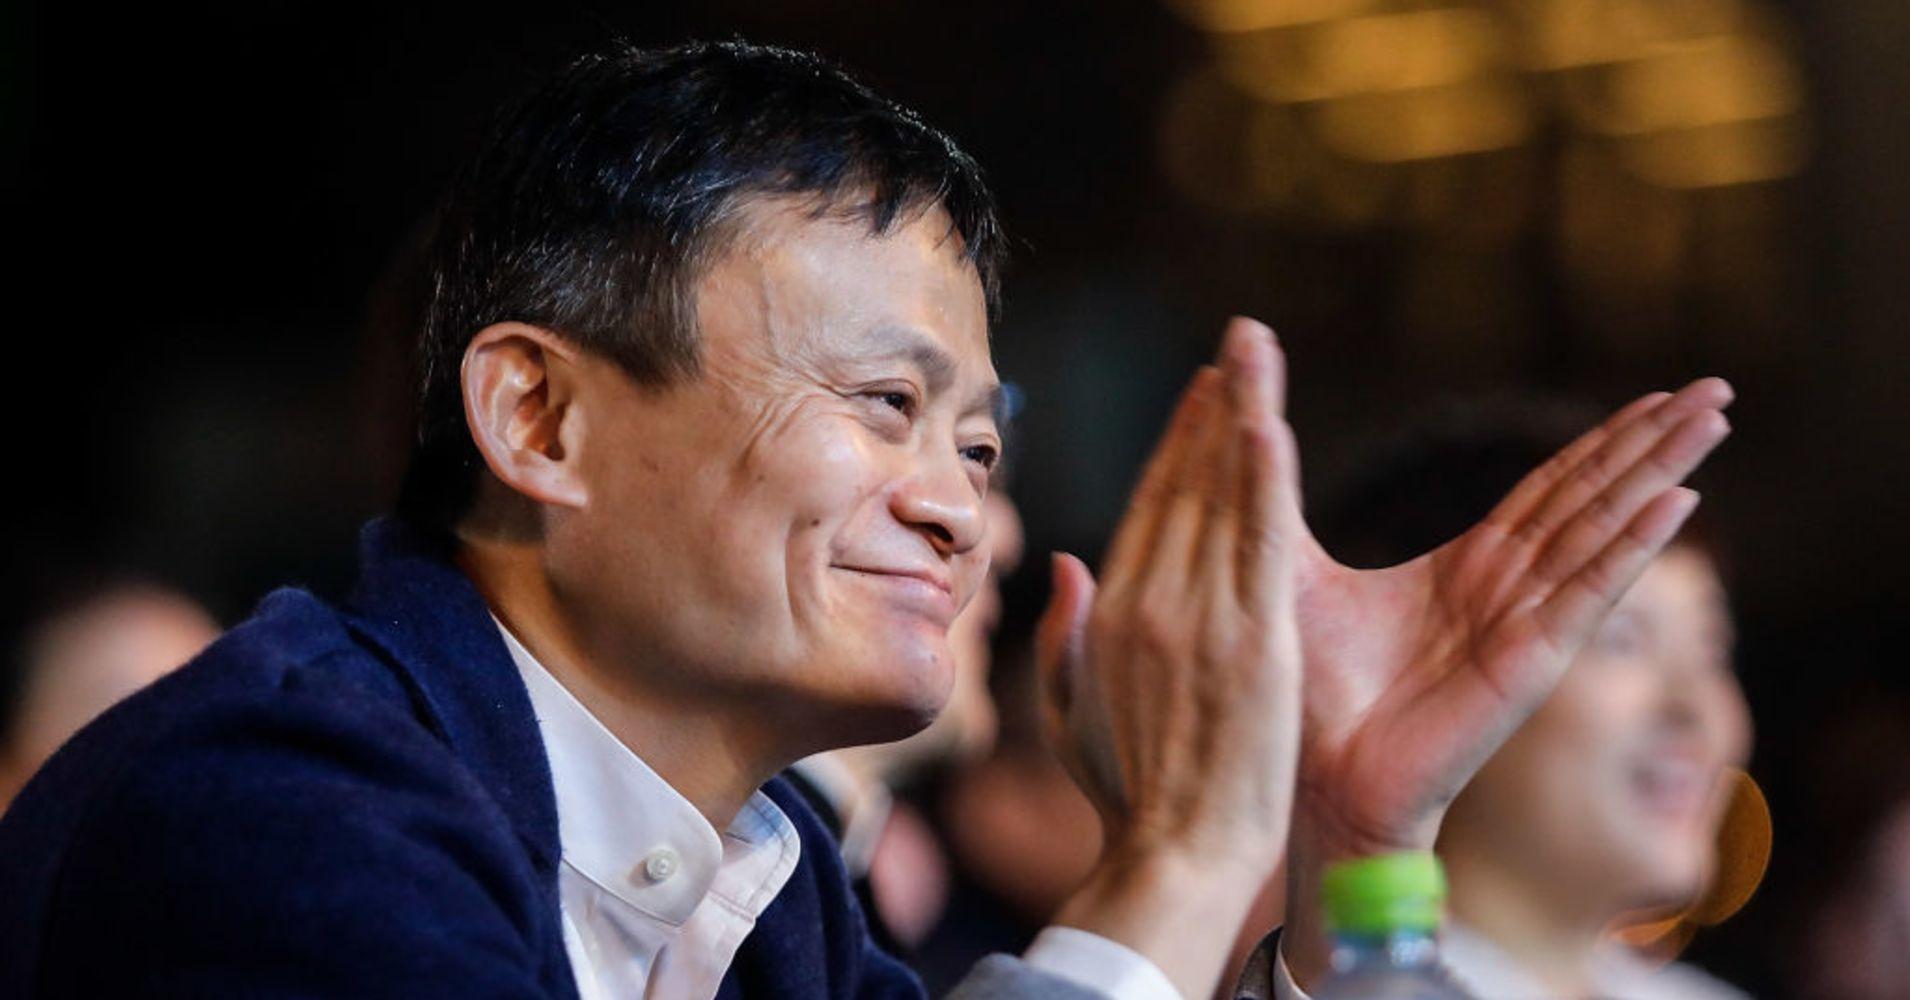 Bài học từ kế hoạch 10 năm chuẩn bị người kế thừa Alibaba của Jack Ma - 1